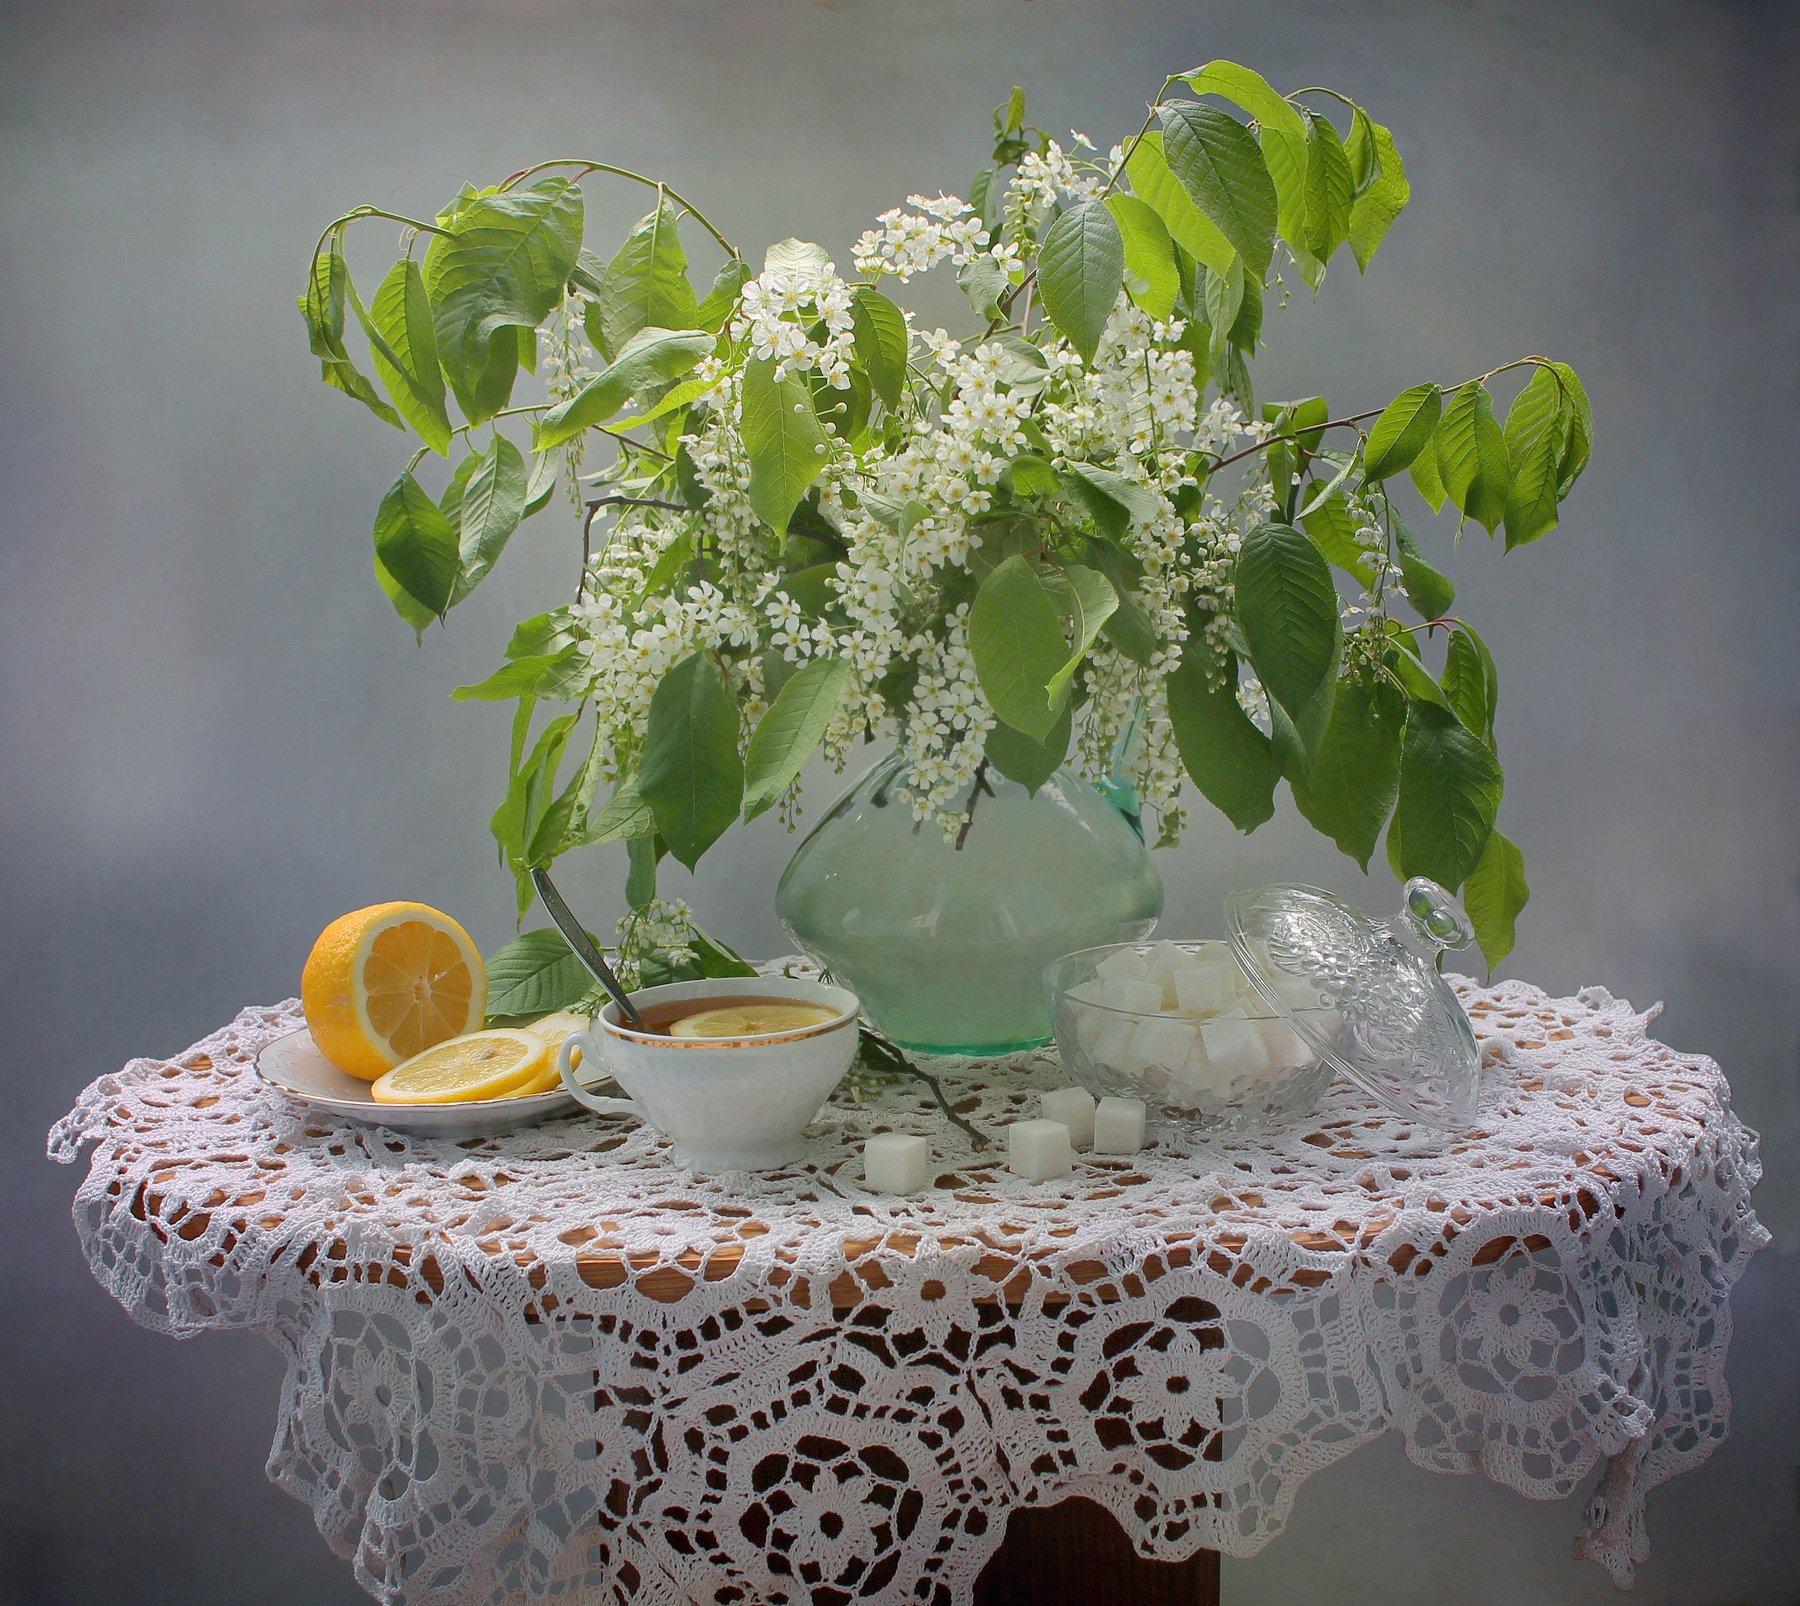 натюрморт, весна, черемуха, цветы, чай, фарфор, Ковалева Светлана